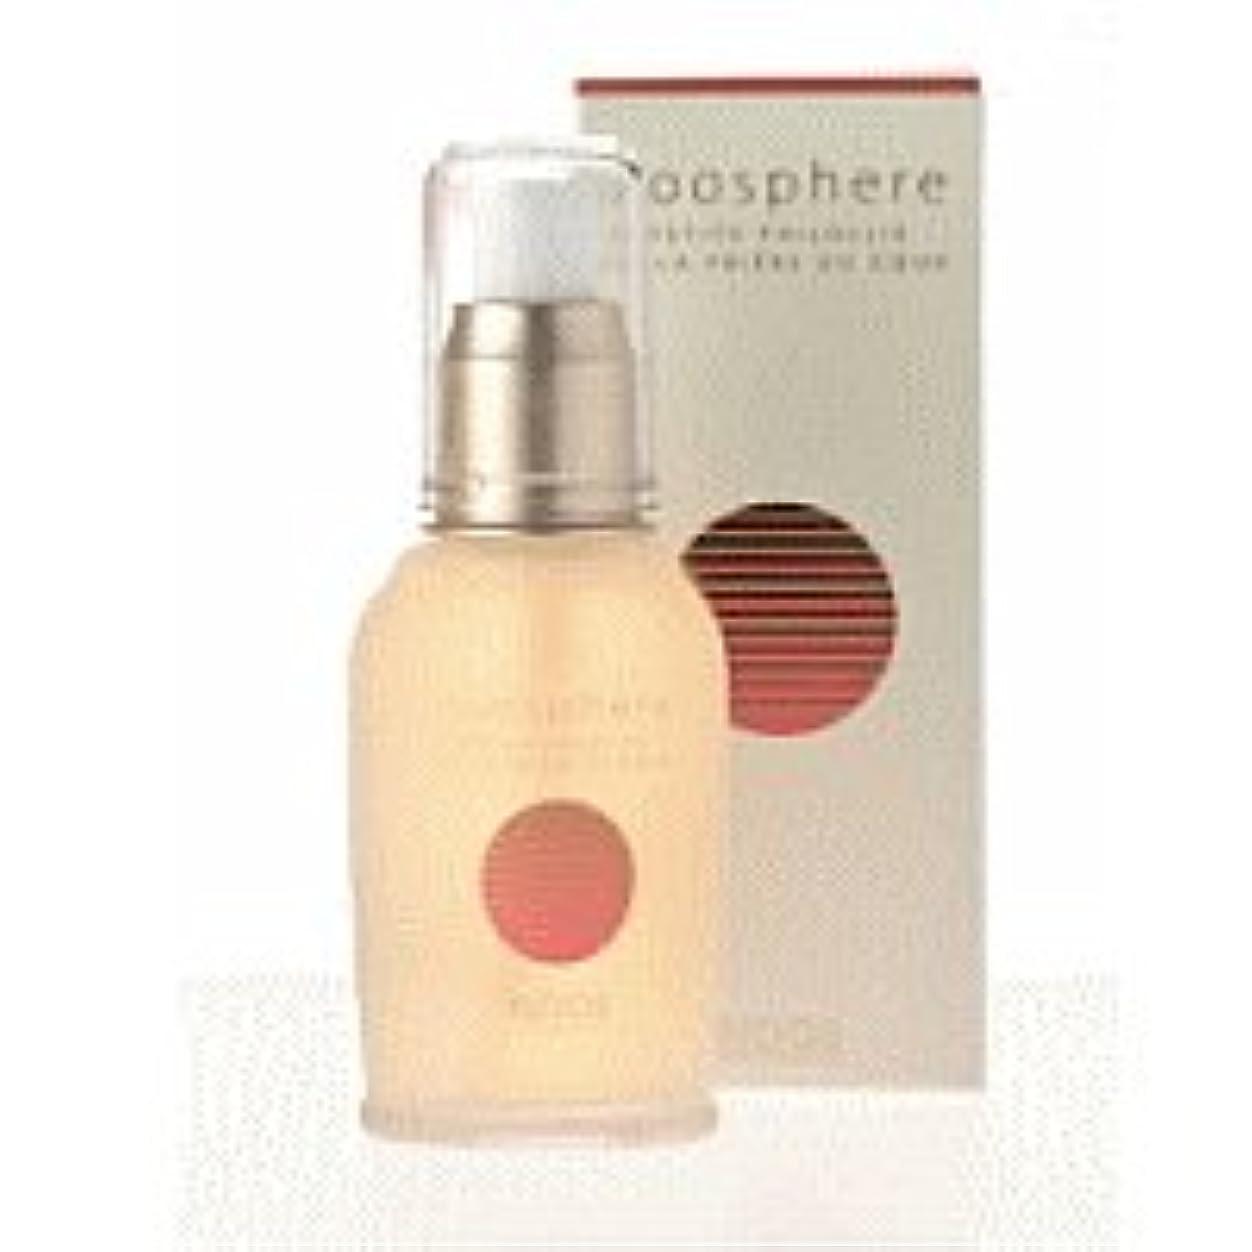 適用済みコンドーム戸惑う美しさと健康を実現するオンリーワンコスメ『ヌースフィア 美容水』